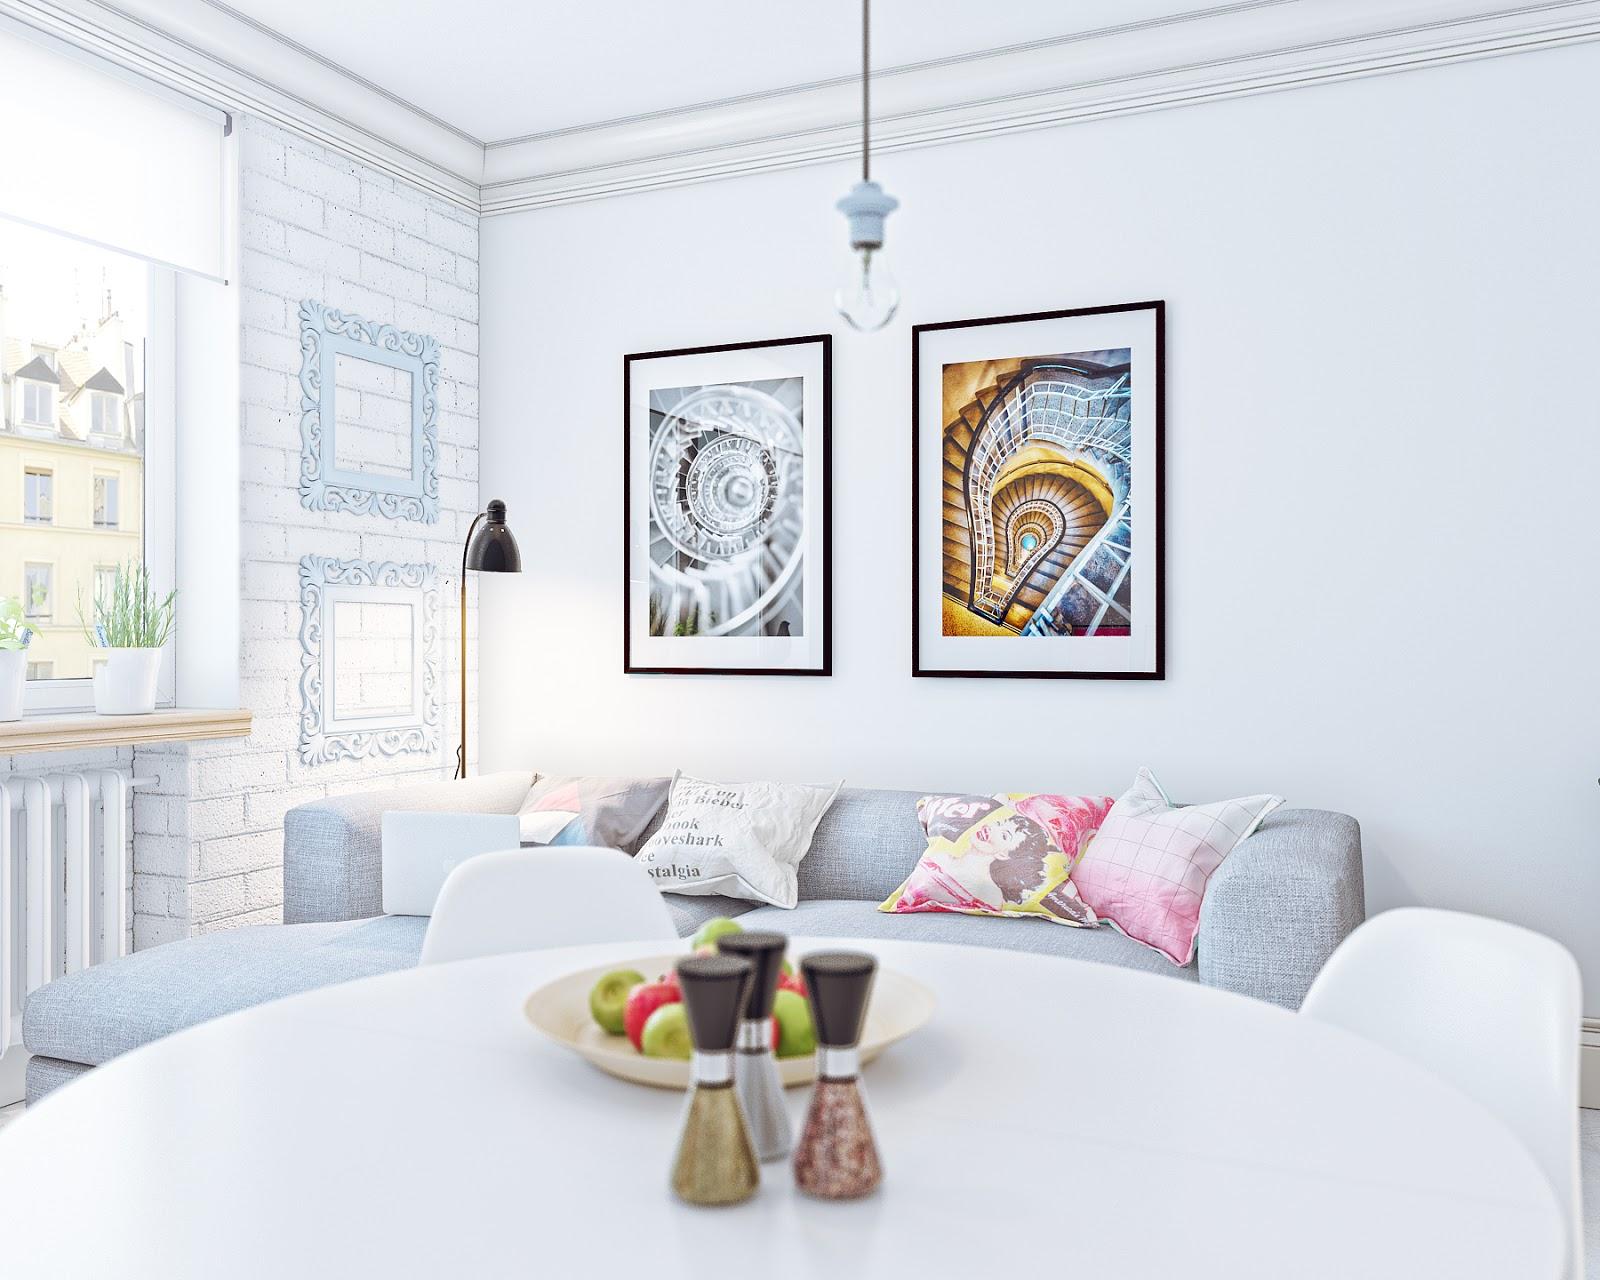 Arredare piccoli spazi giocando con i colori: 25 mq straordinari